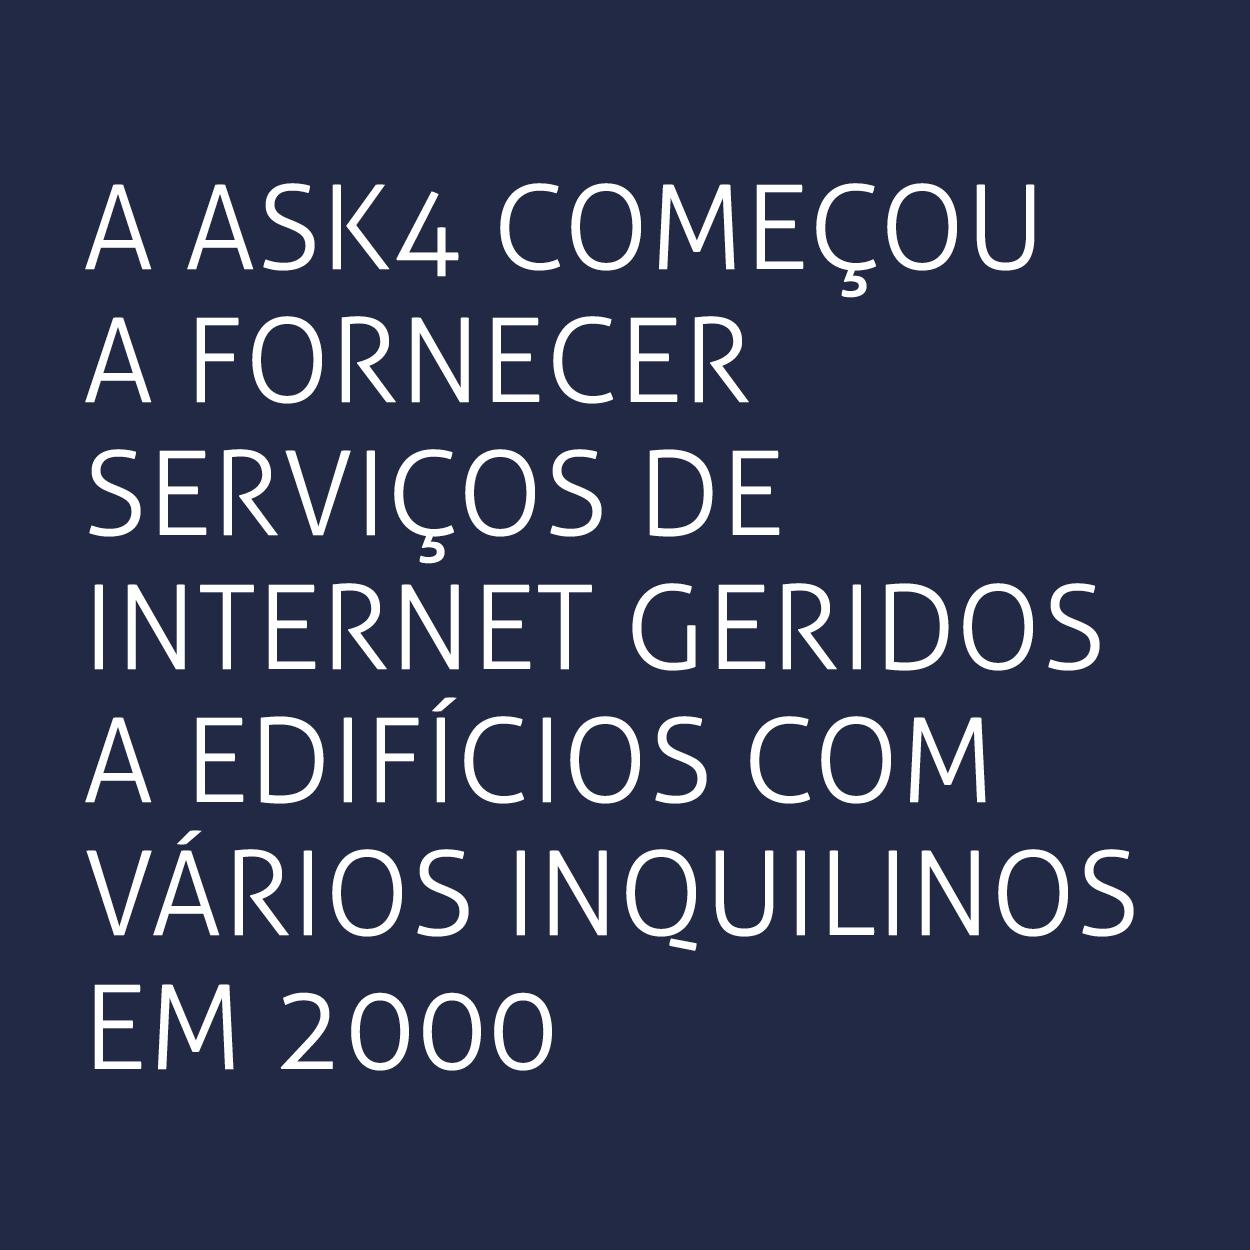 A ASK4 começou a fornecer serviços de Internet geridos a edifícios com vários inquilinos em 2000